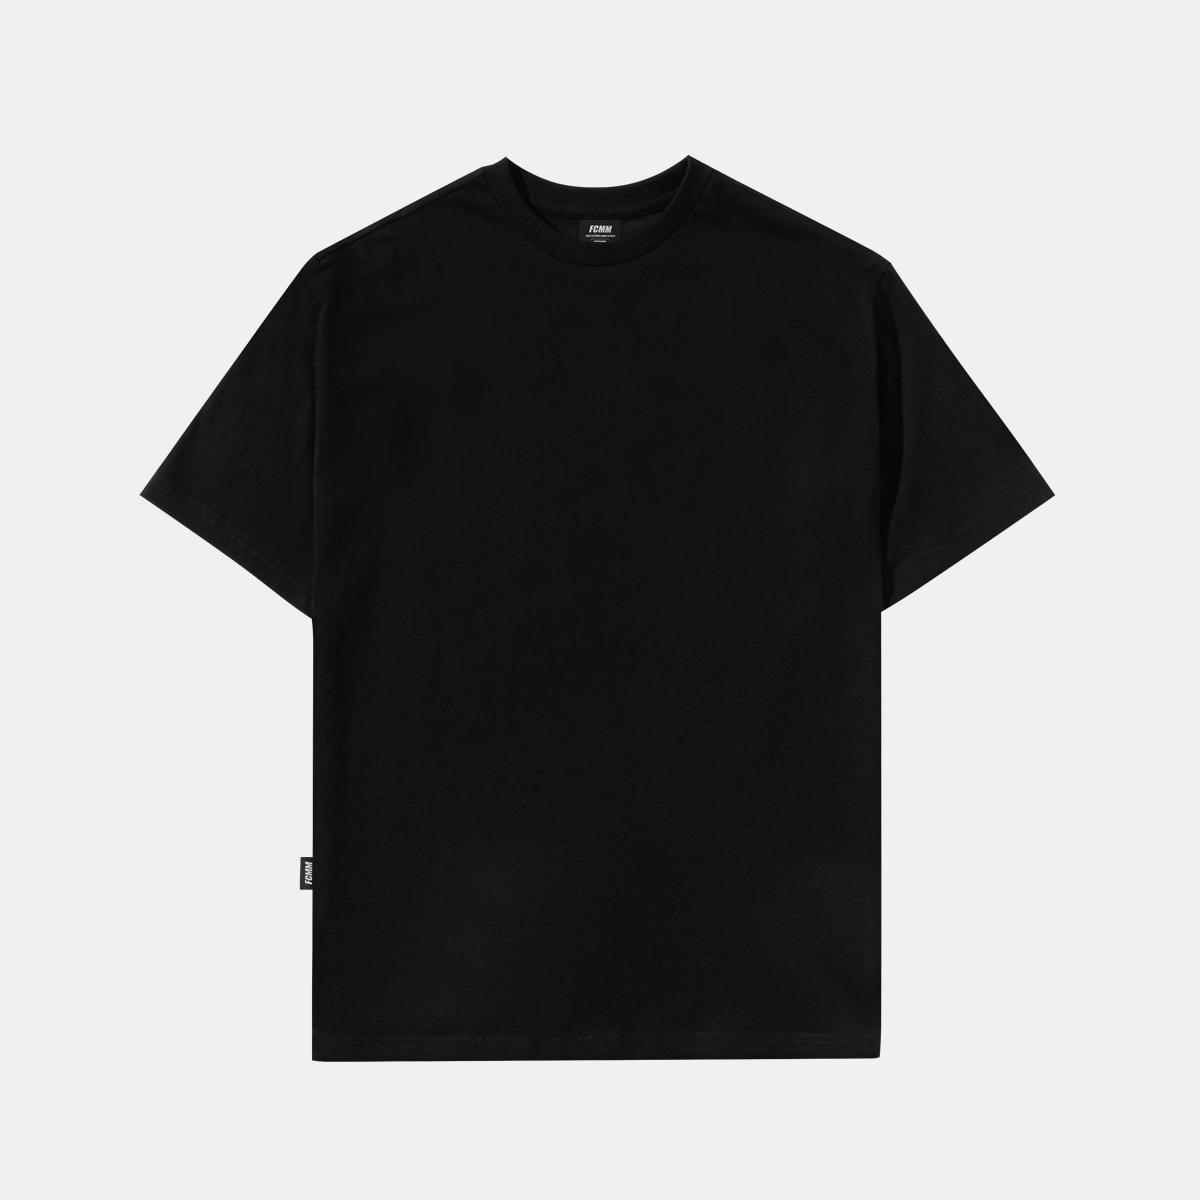 클럽 레이어드 티셔츠 - 블랙